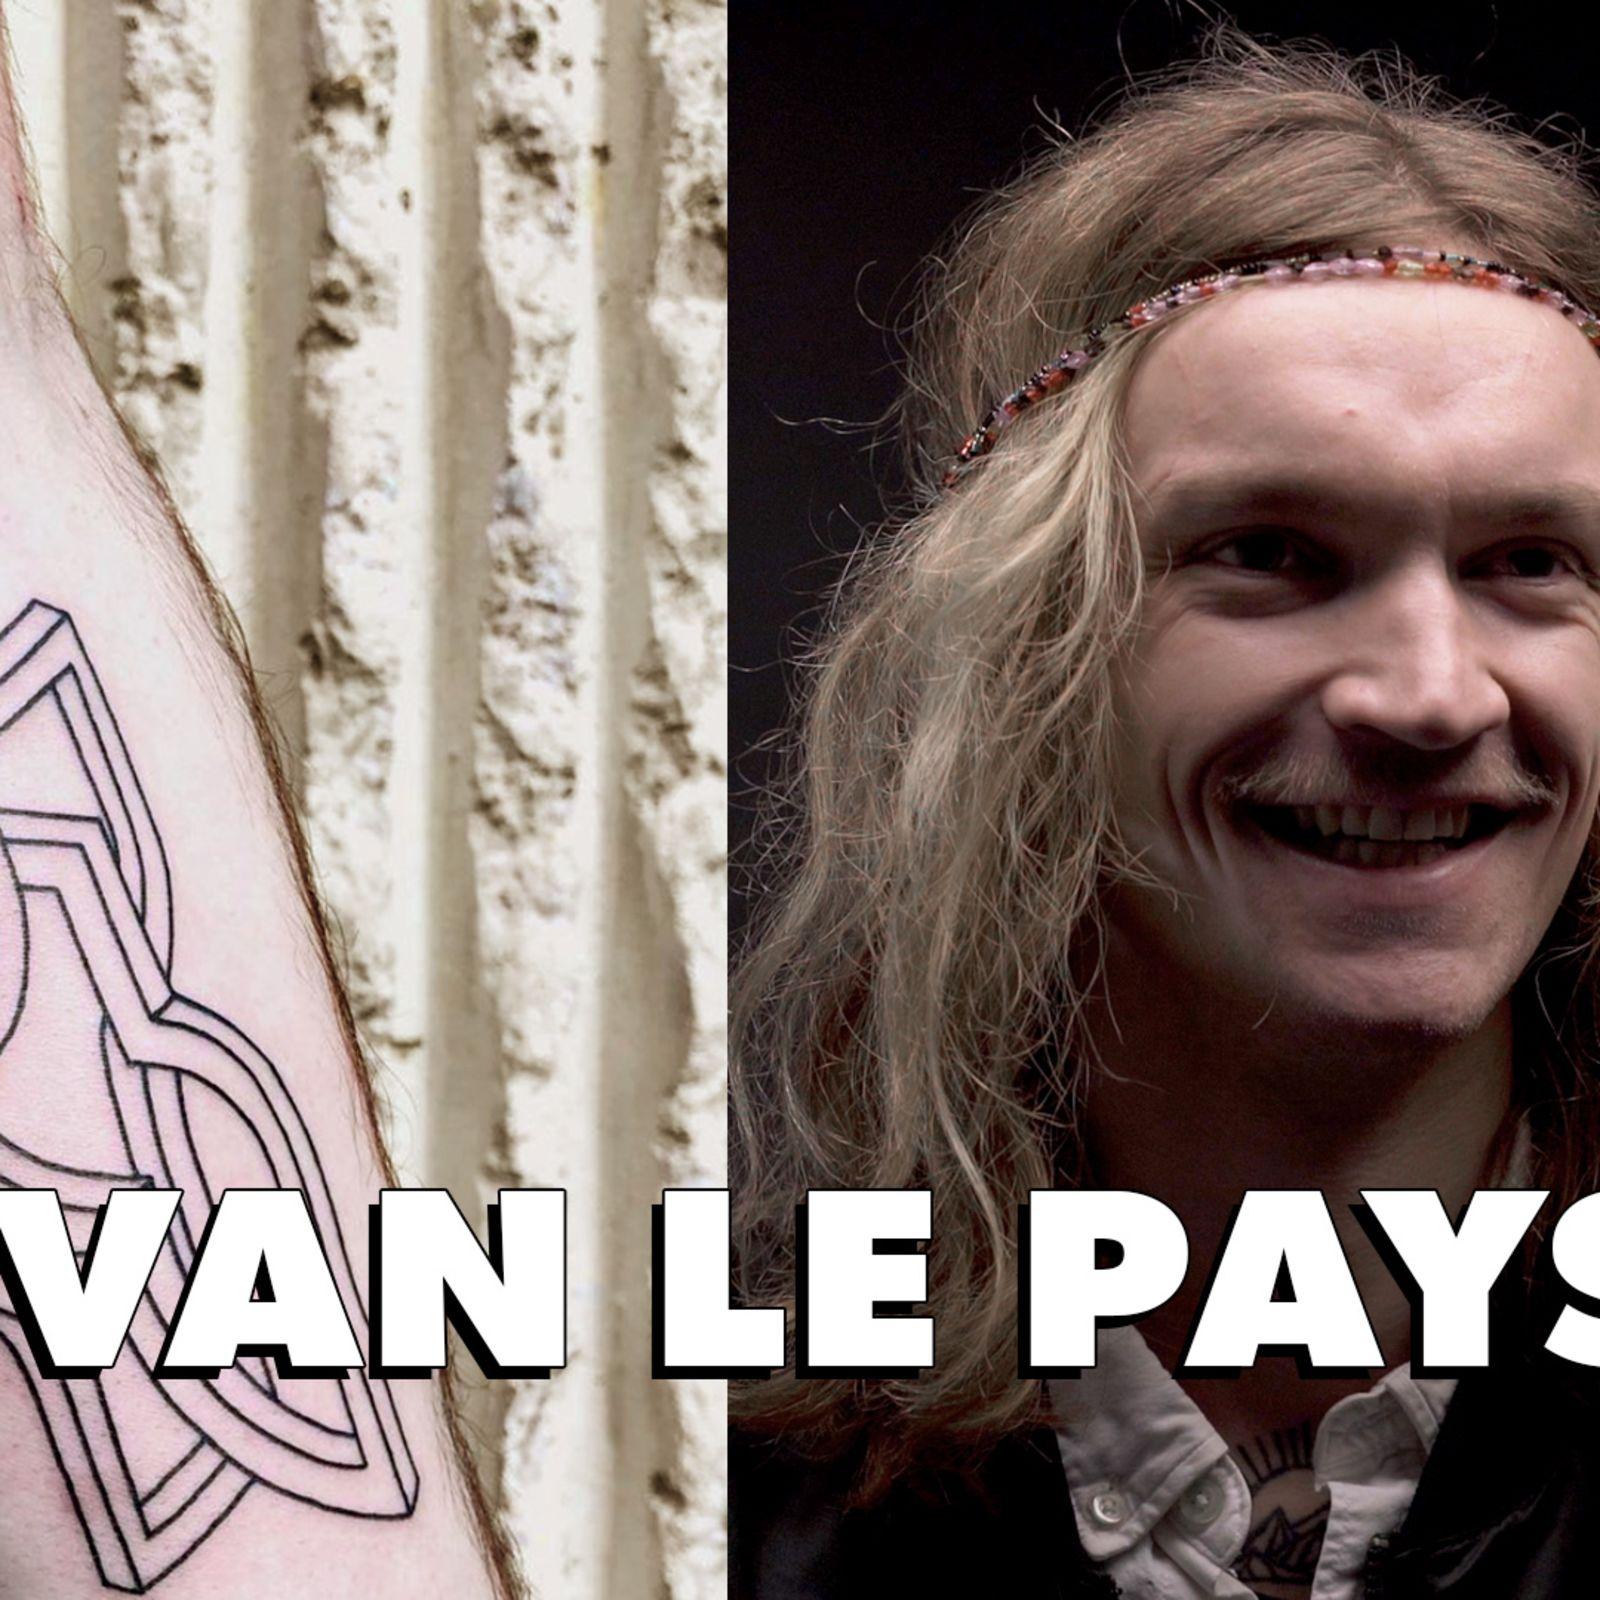 Ivan Le Pays, tatoueur reconnu pour sa reproduction de paysages, raconte le métier à GQ